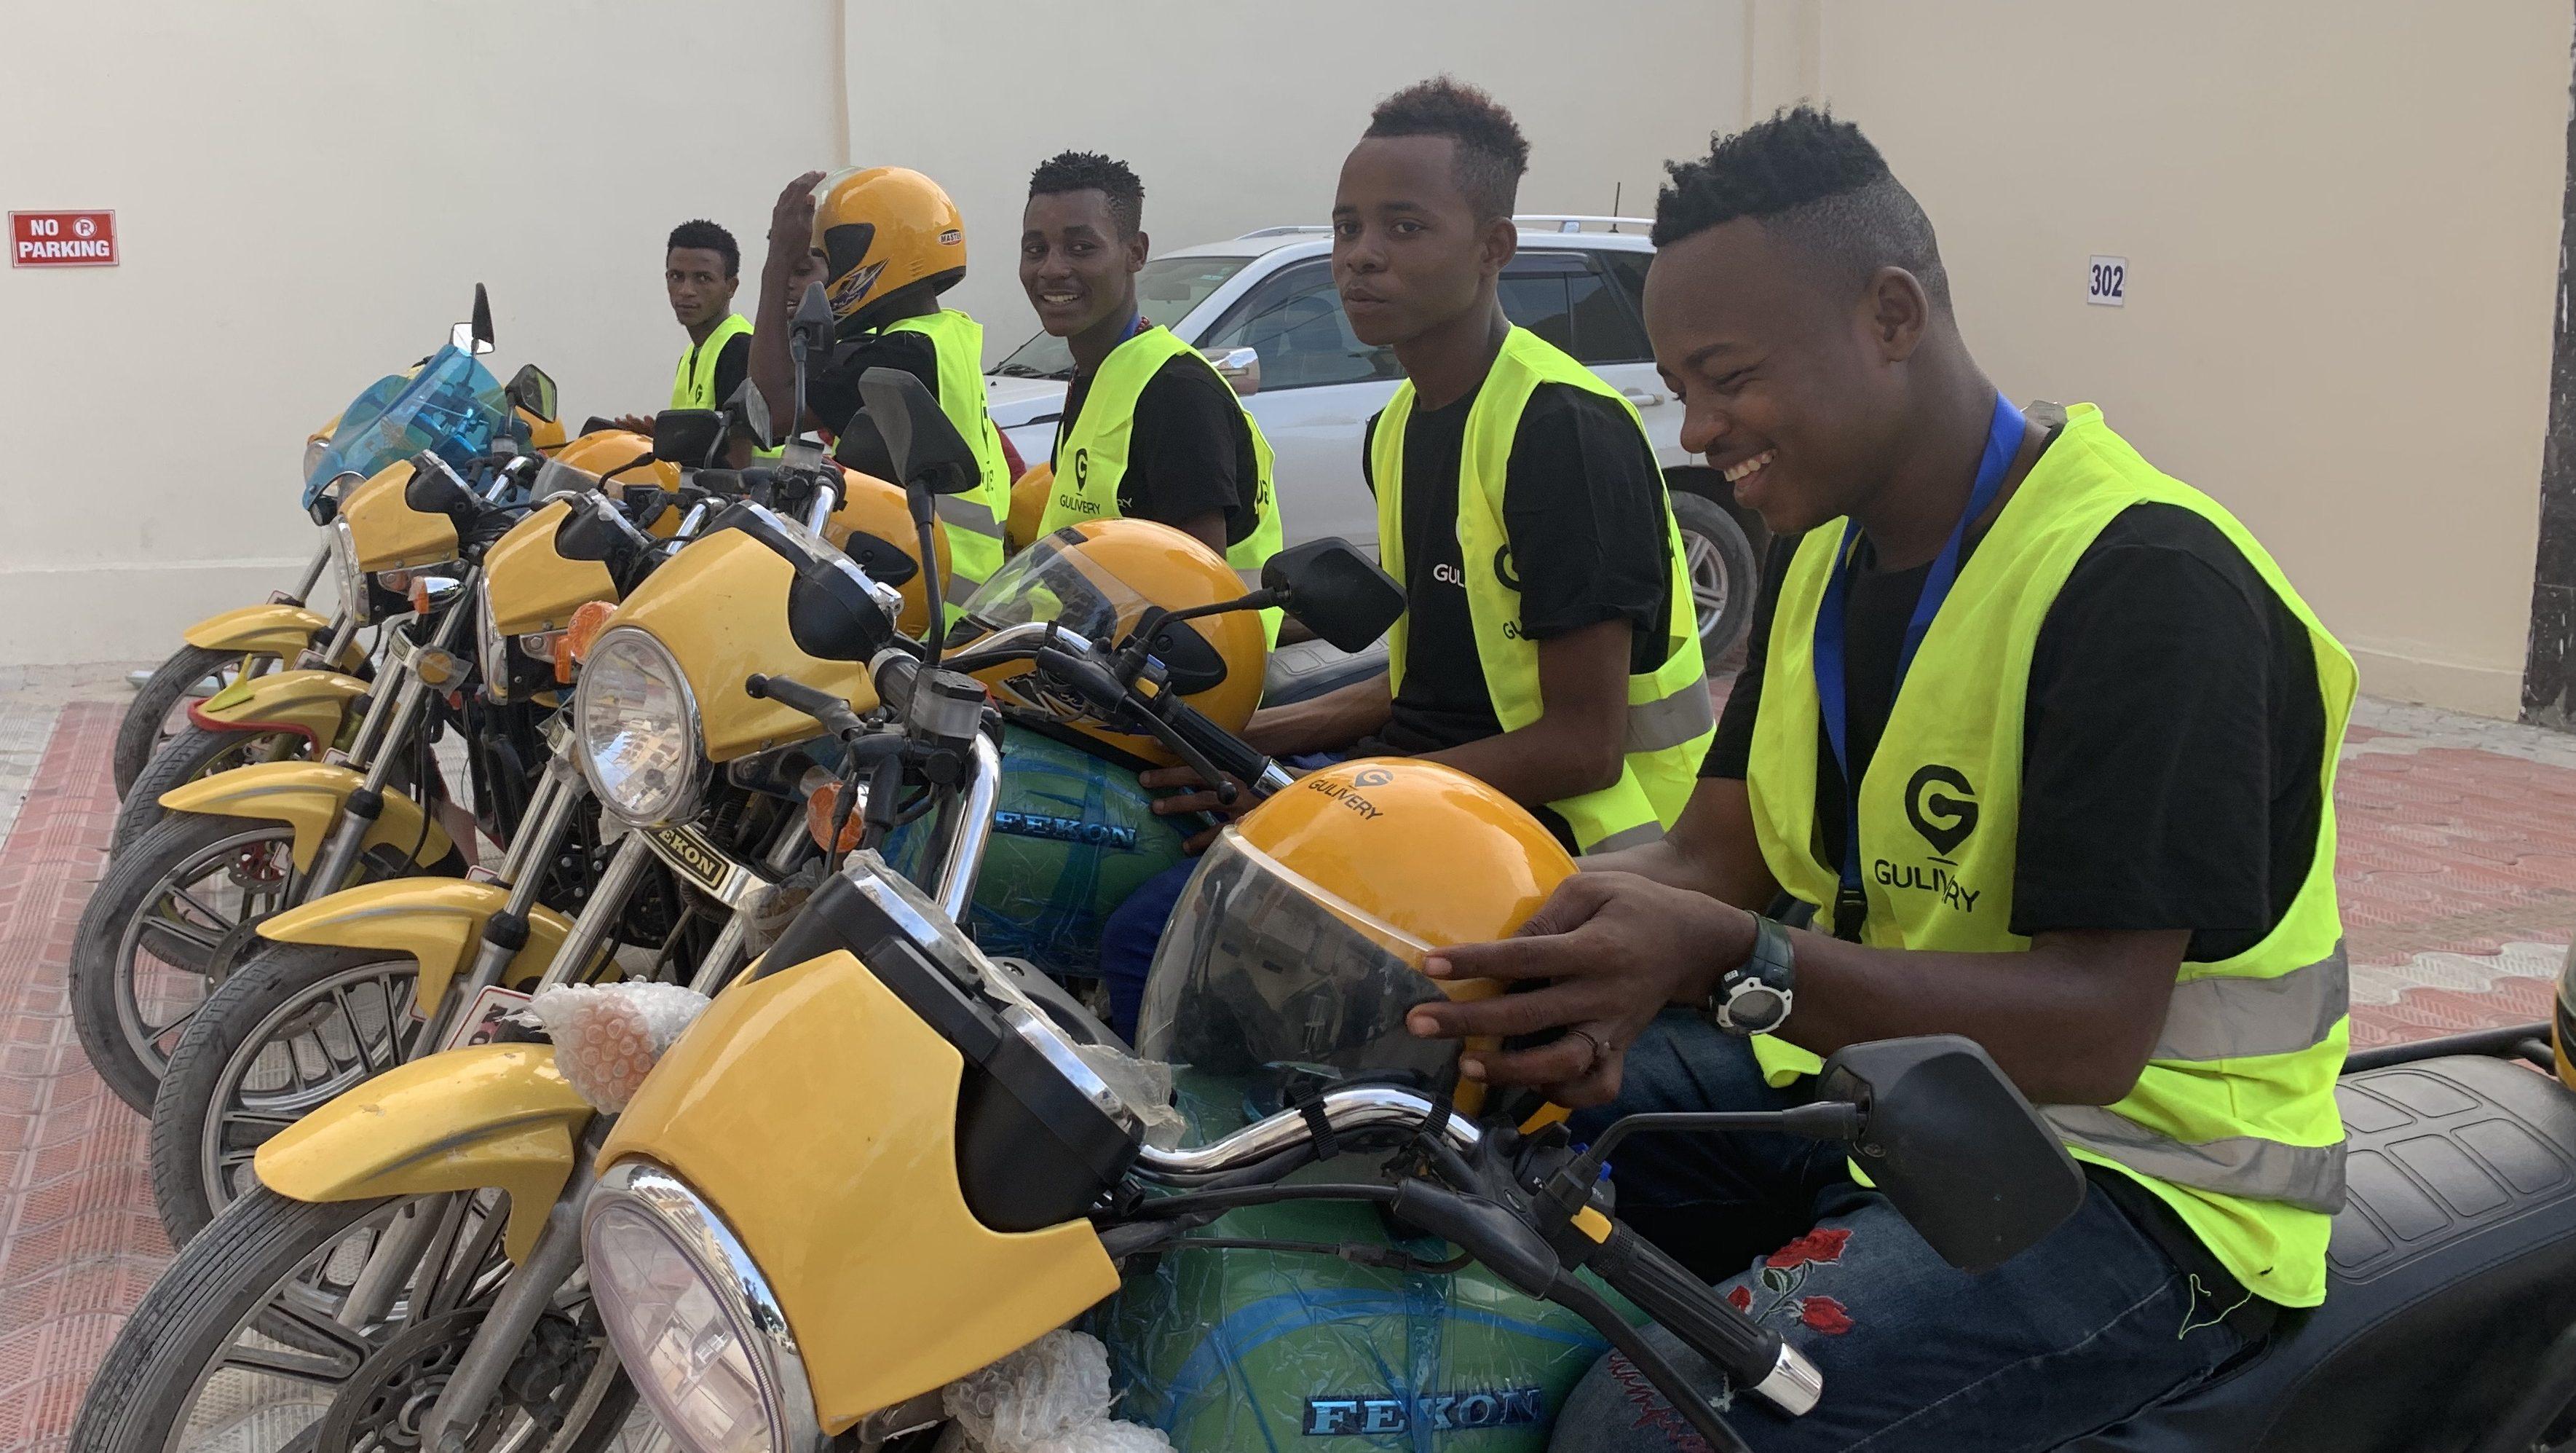 Somalia motorycle hailing app Go! launched in Mogadishu — Quartz Africa